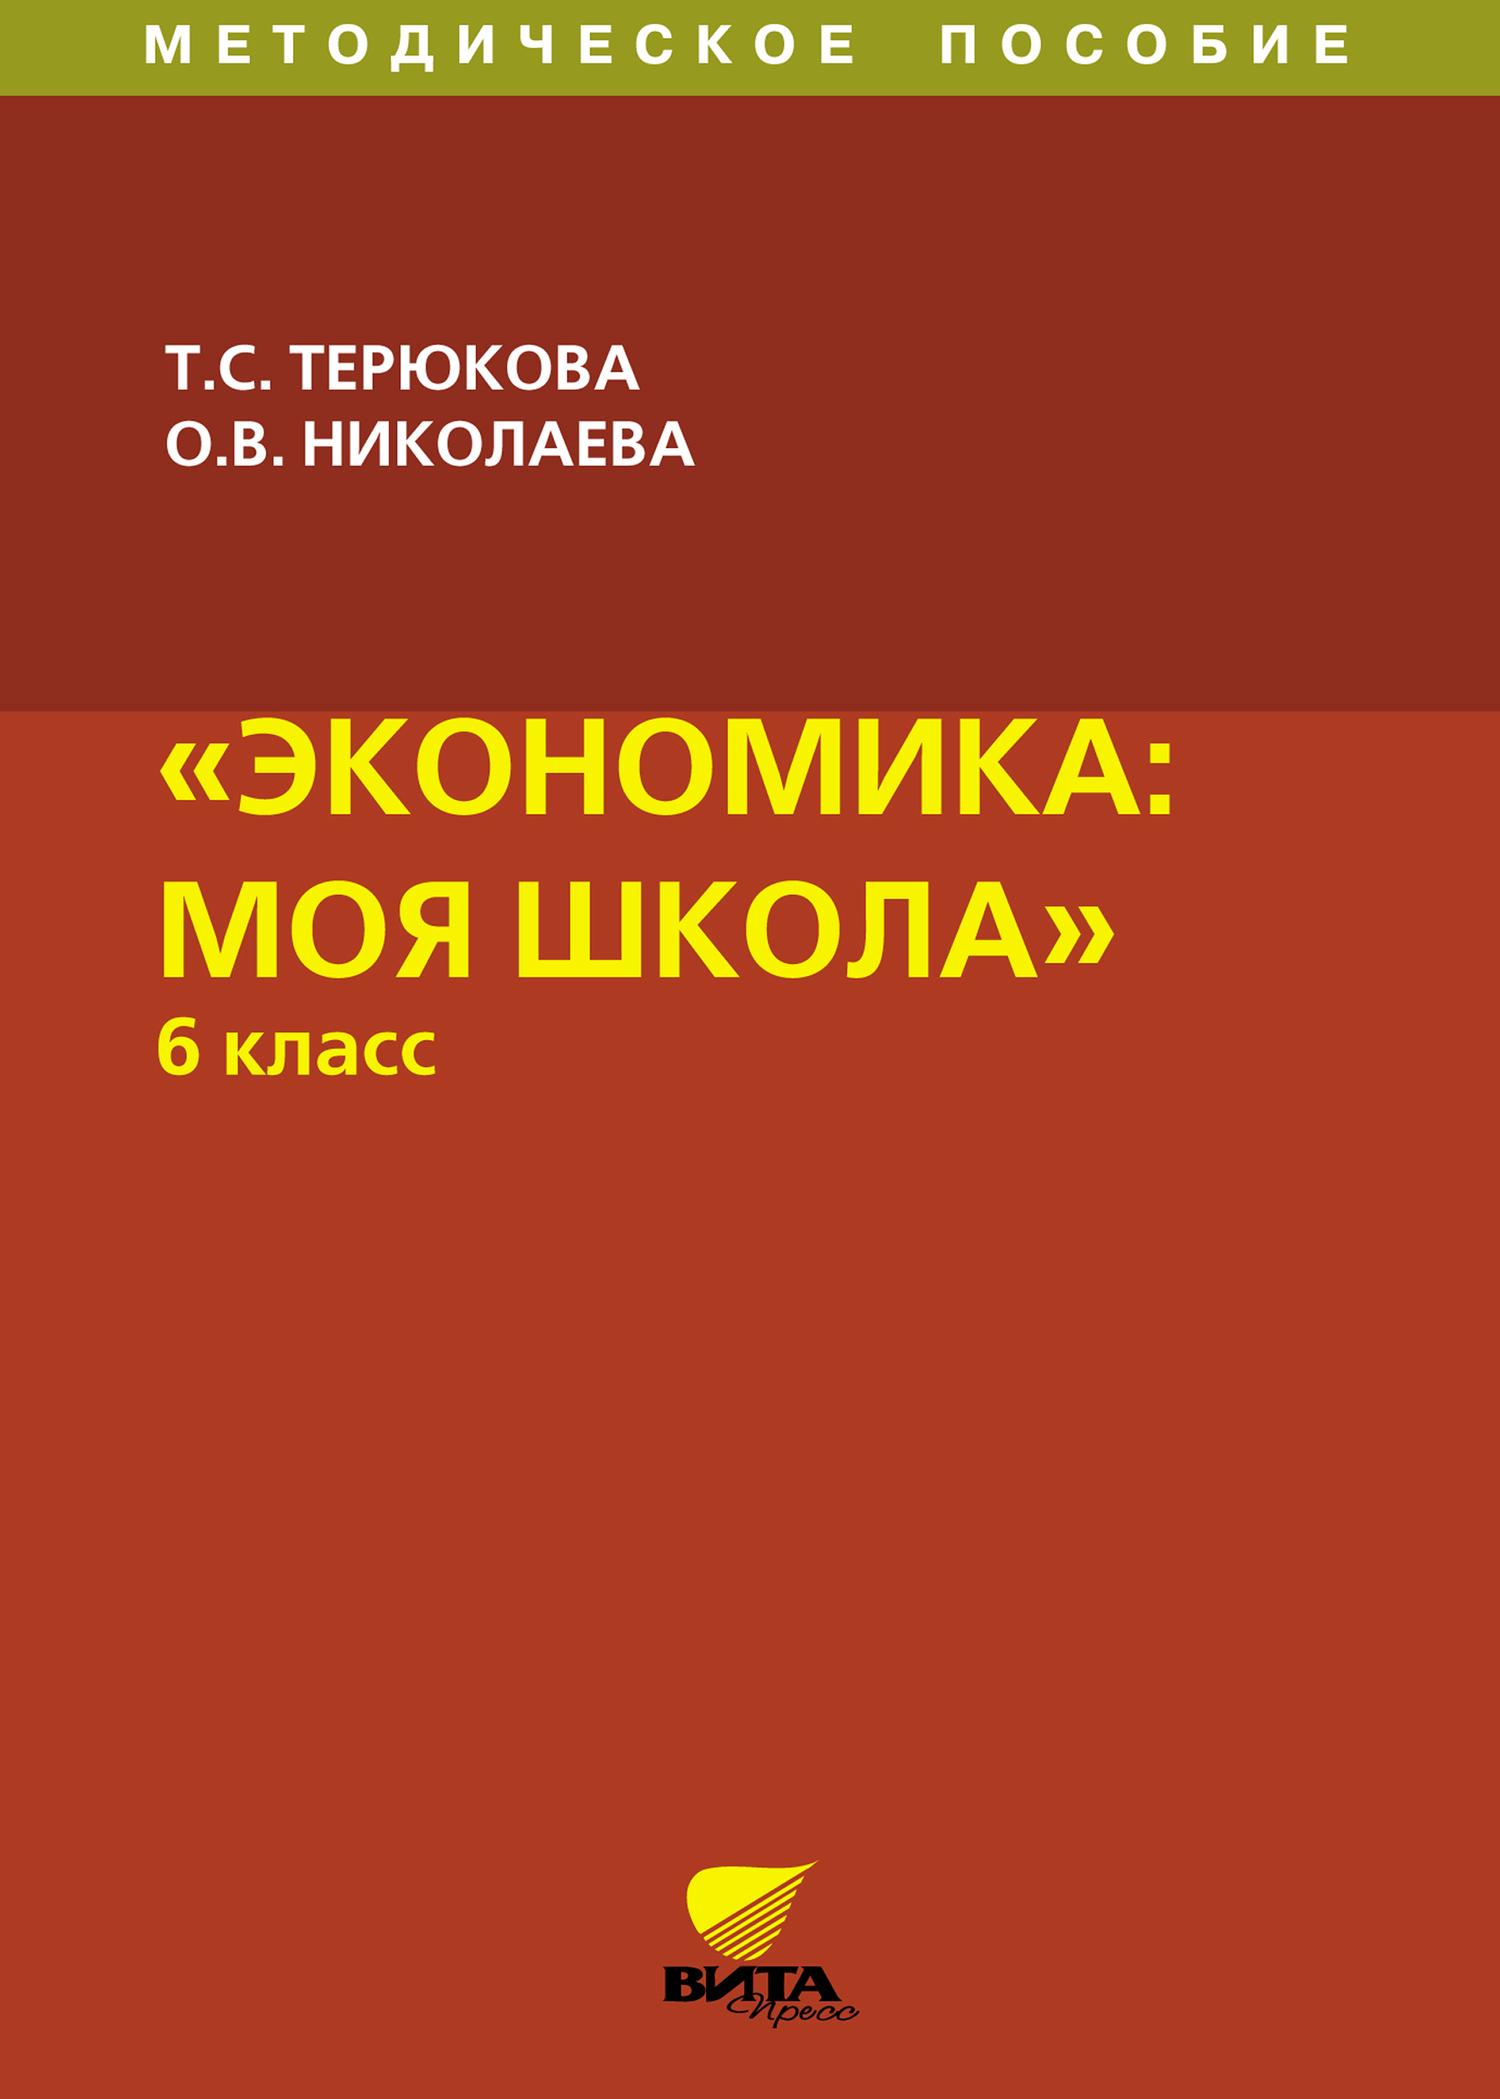 О. В. Николаева. Экономика: моя школа. Методическое пособие. 6 класс